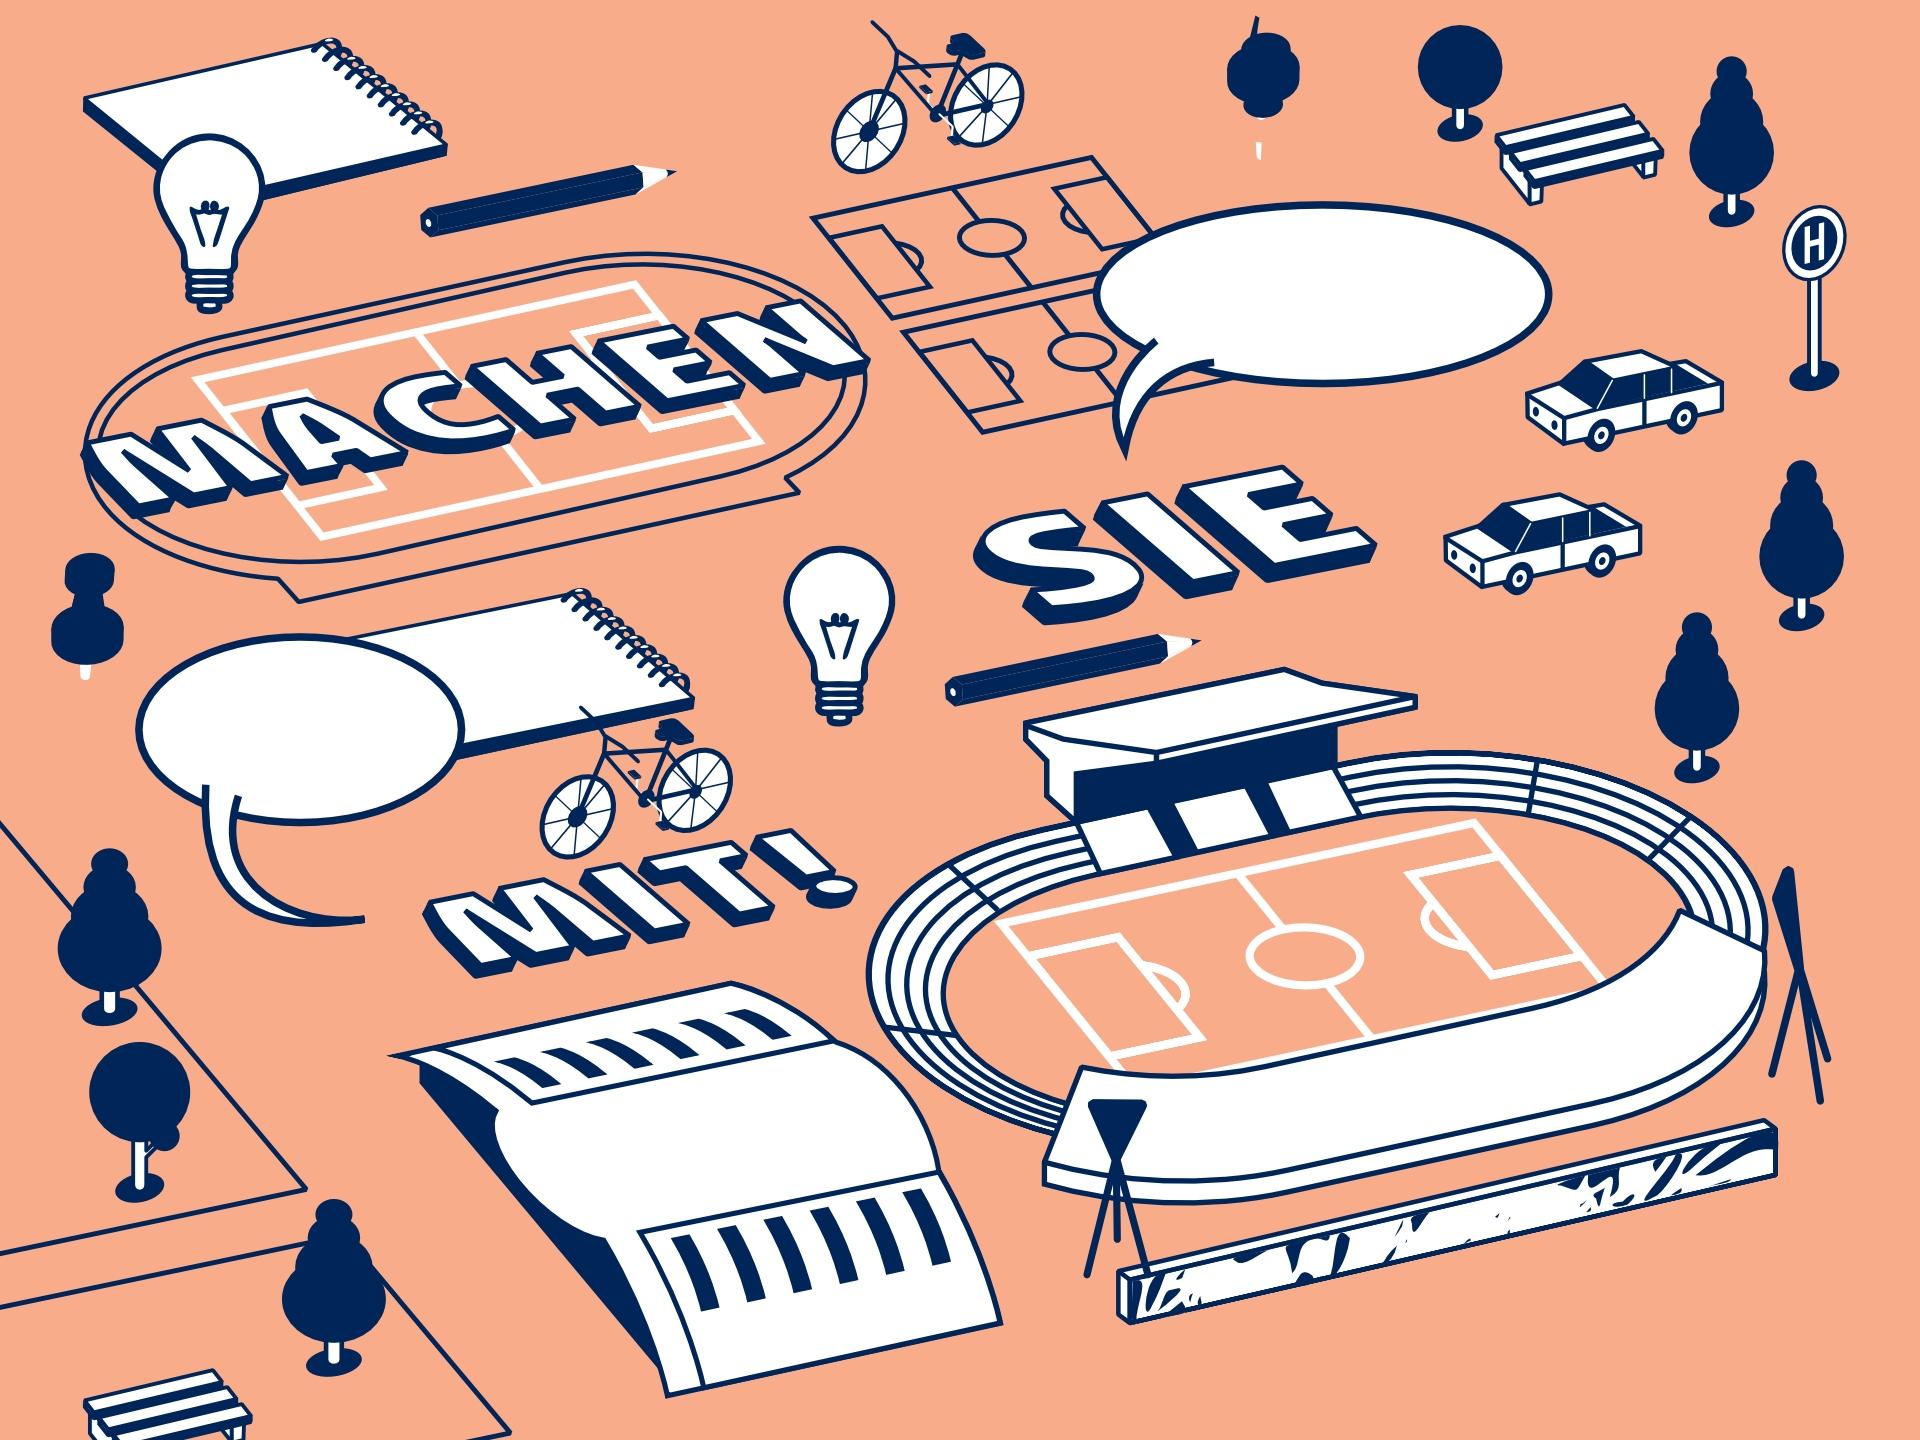 Cover-Auszug des Veranstaltungsplakates zur 2. Werkstatt. Illustration zeigt typische Architektur-Elemente des Jahnsportparks.